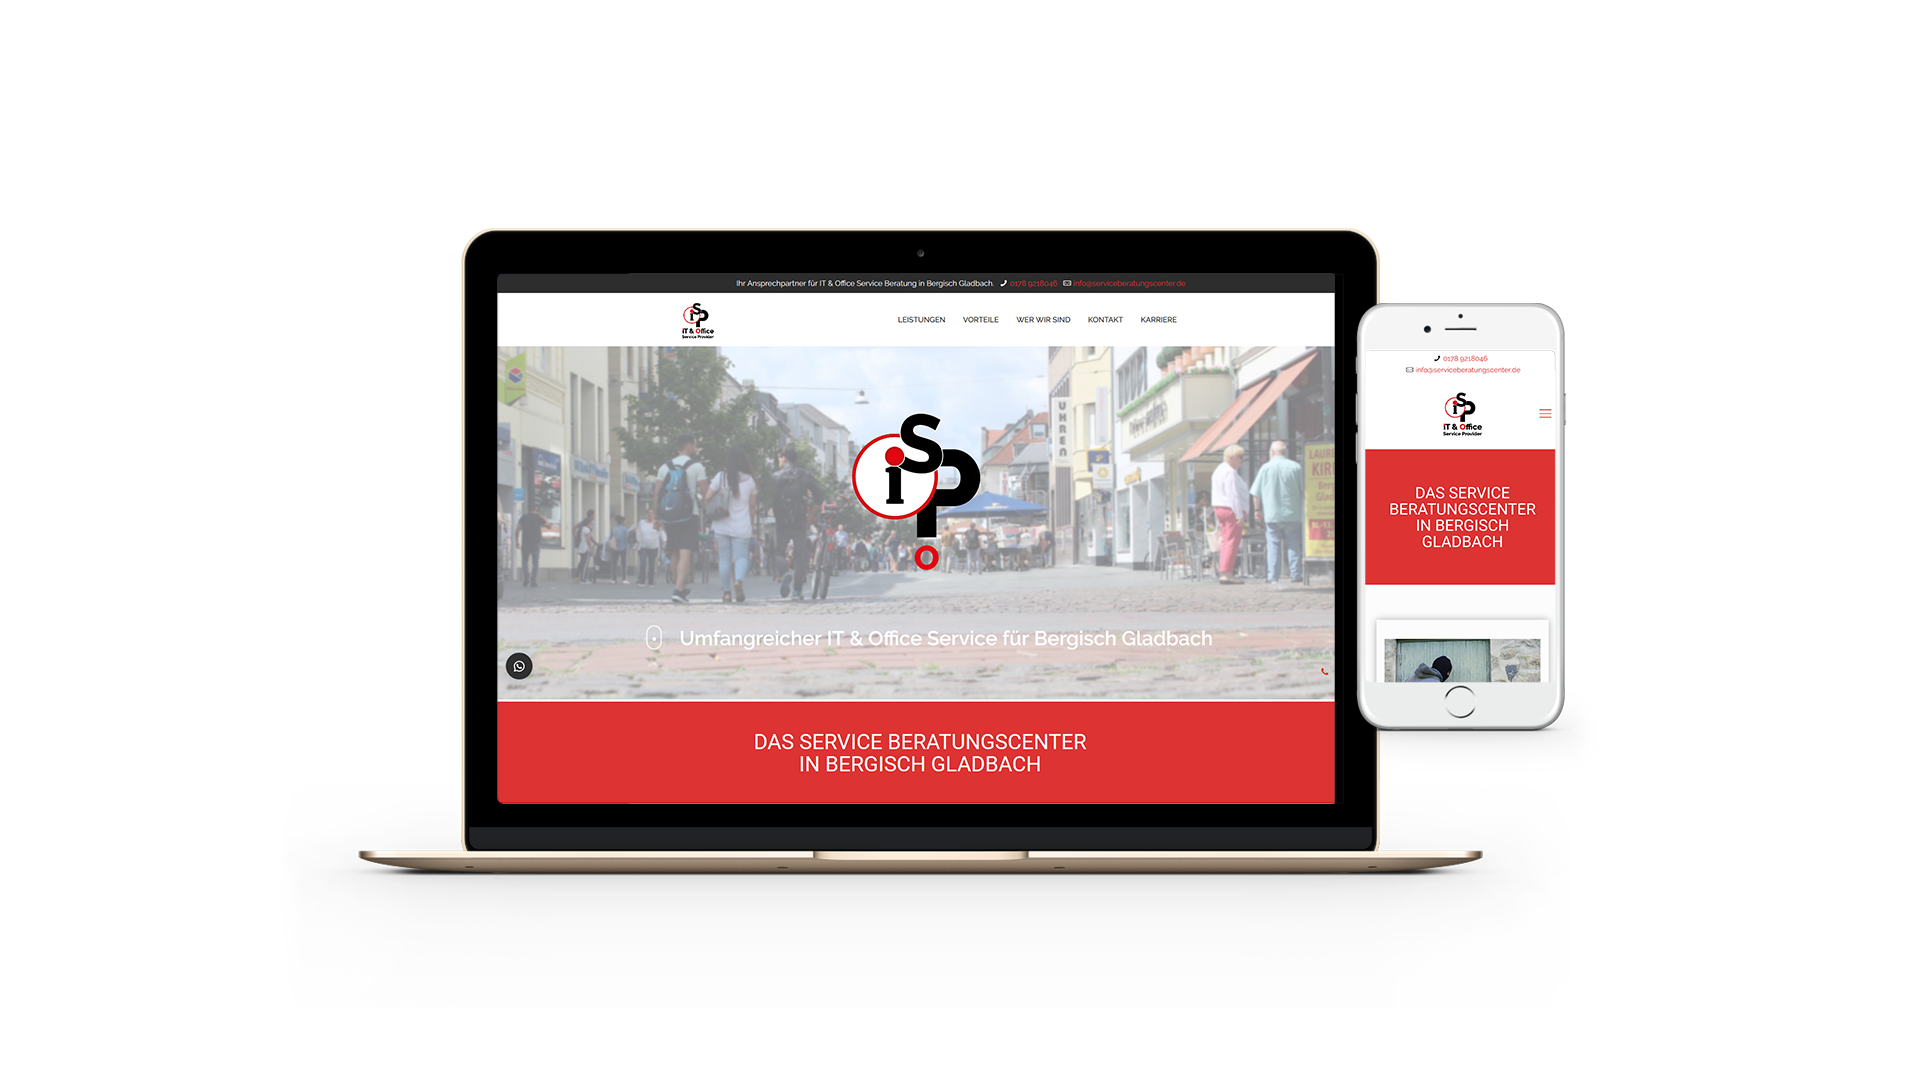 homepage-erstellen-lassen-webdesign-bergisch-gladbach-servicecenter-webdesigner-kunstration